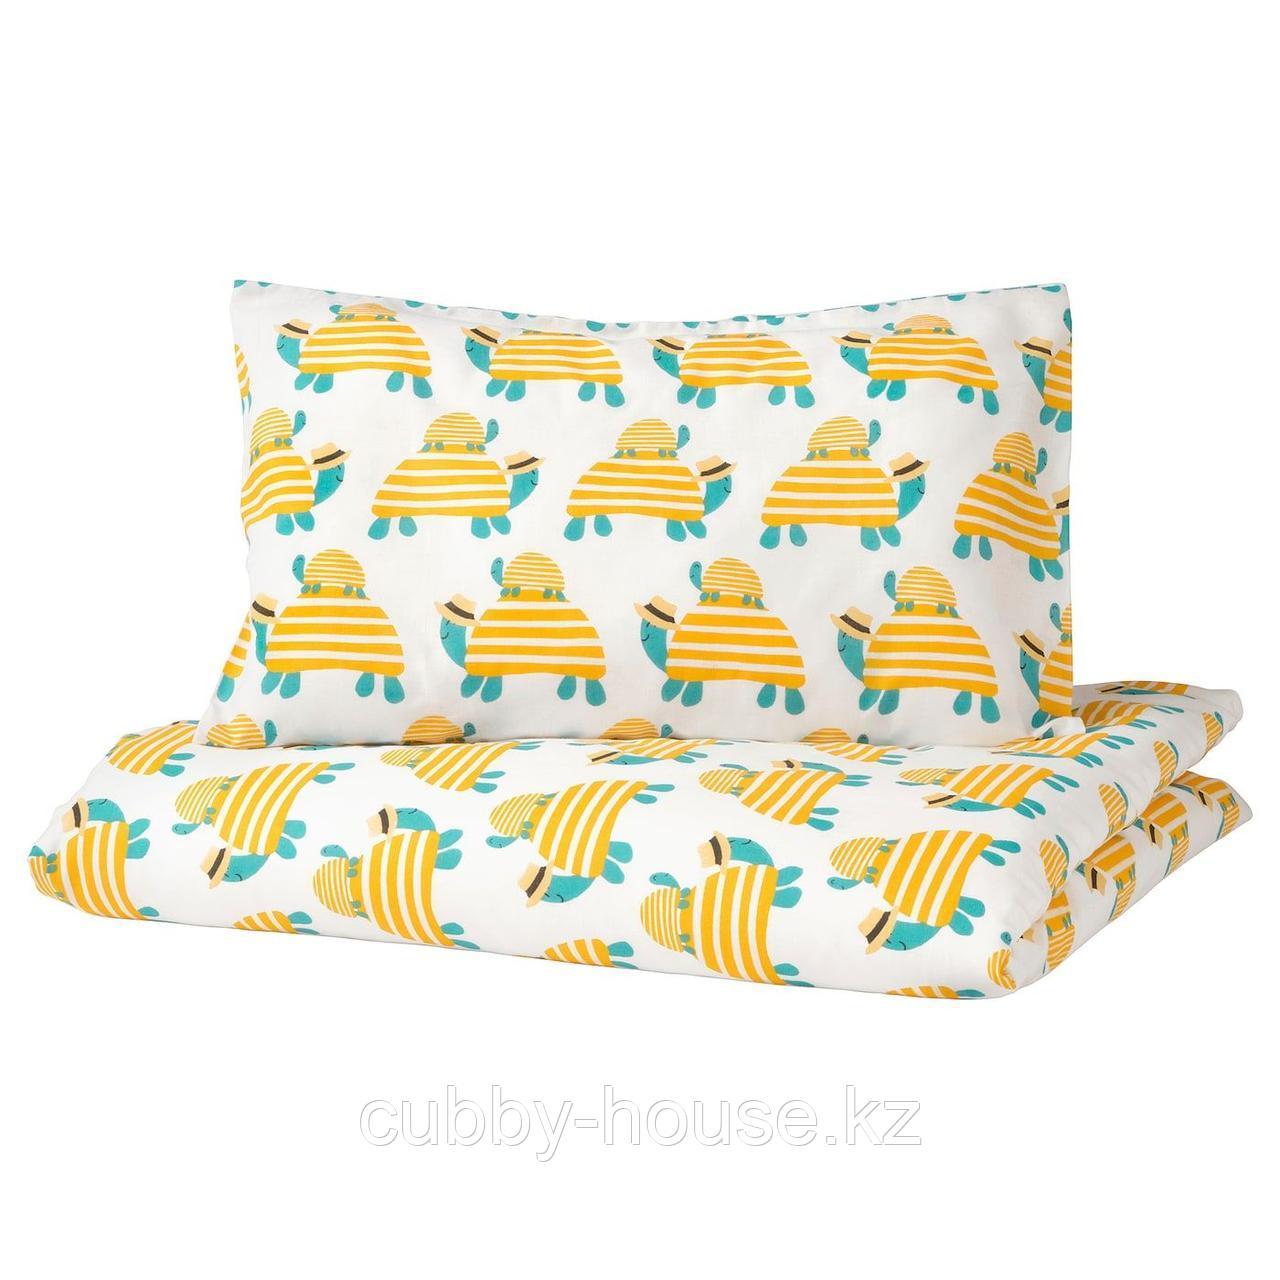 РЁРАНДЕ Пододеяльник, наволочка д/кроватки, черепаха желтый, 110x125/35x55 см